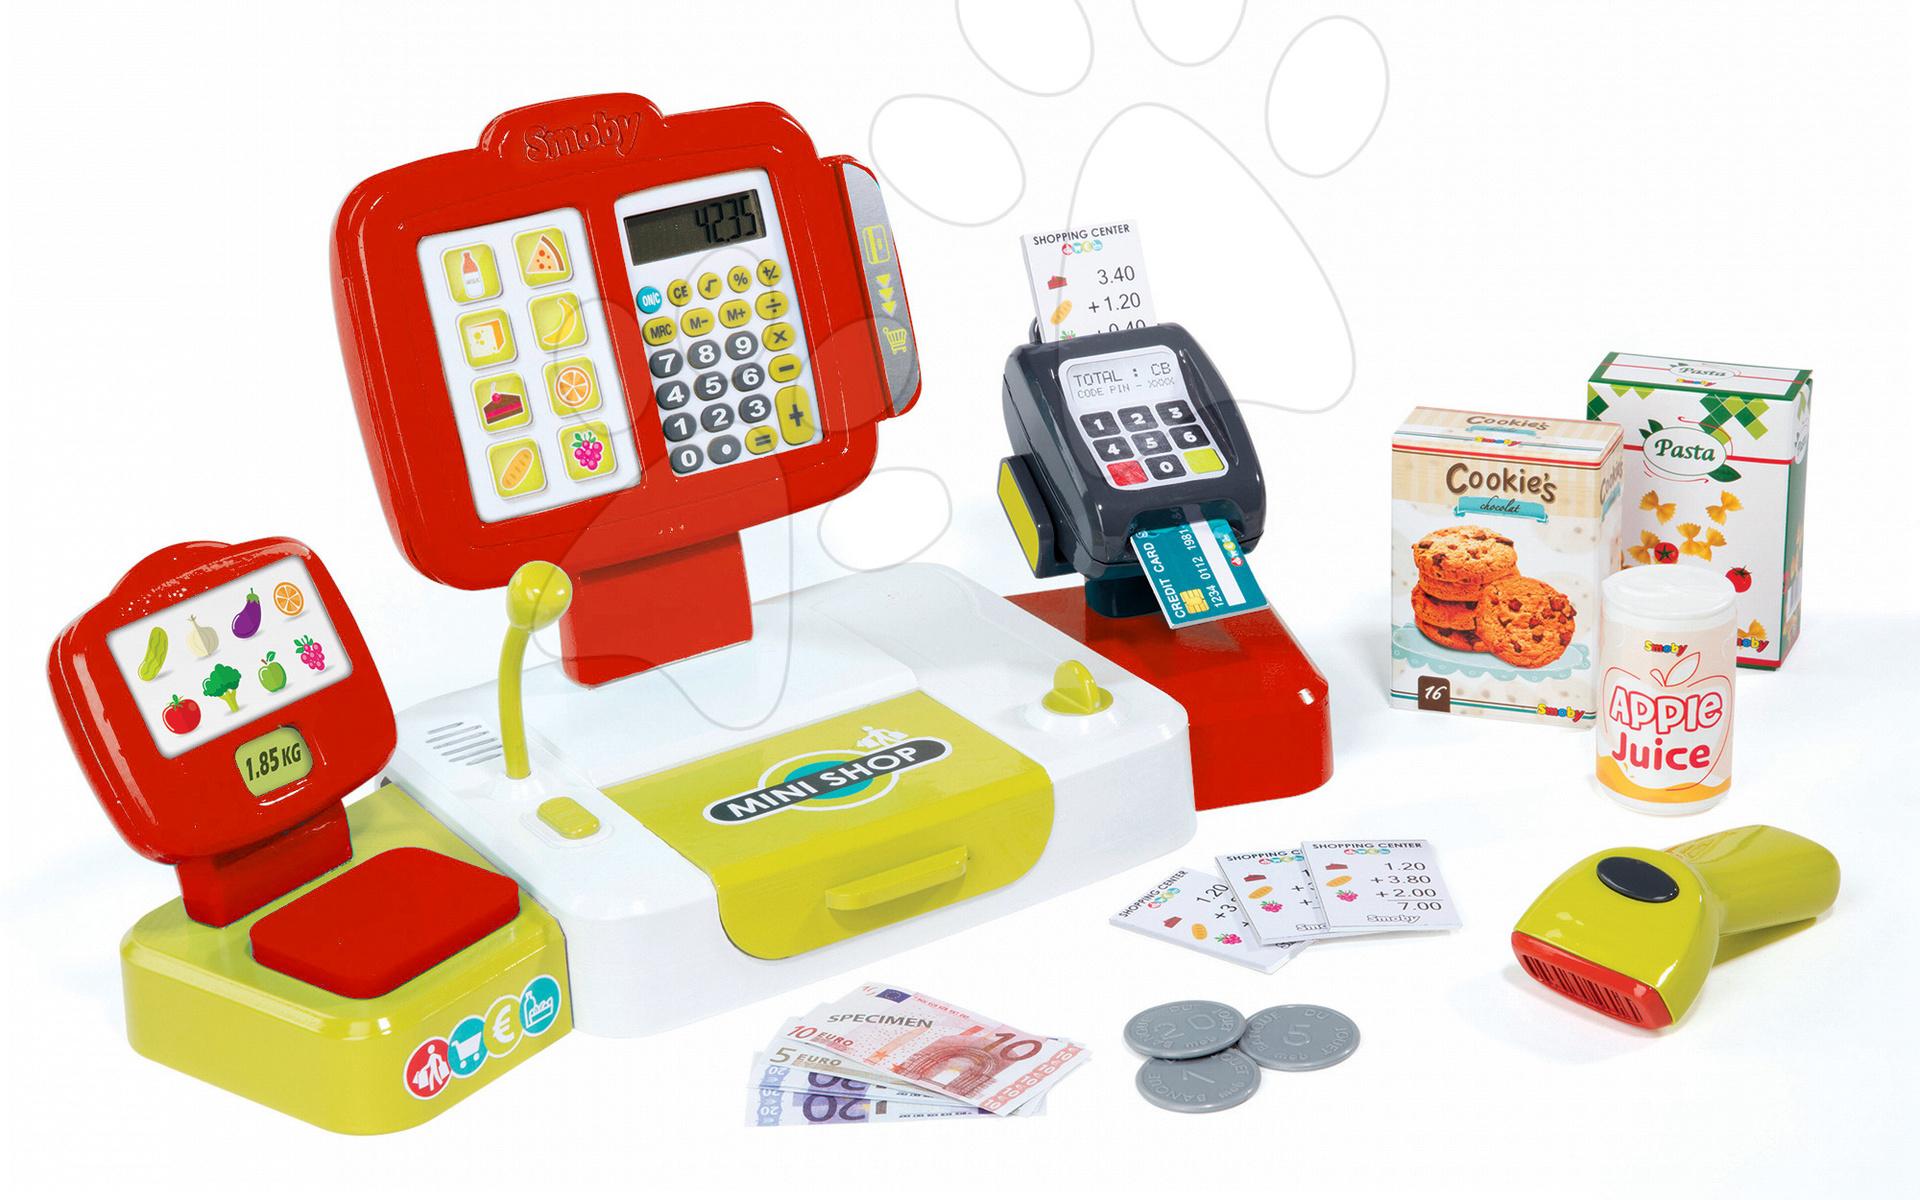 Blagajna Mini Shop Smoby elektronska s tehtnico, terminalom, čitalcem črtnih kod in 27 dodatki rdeča